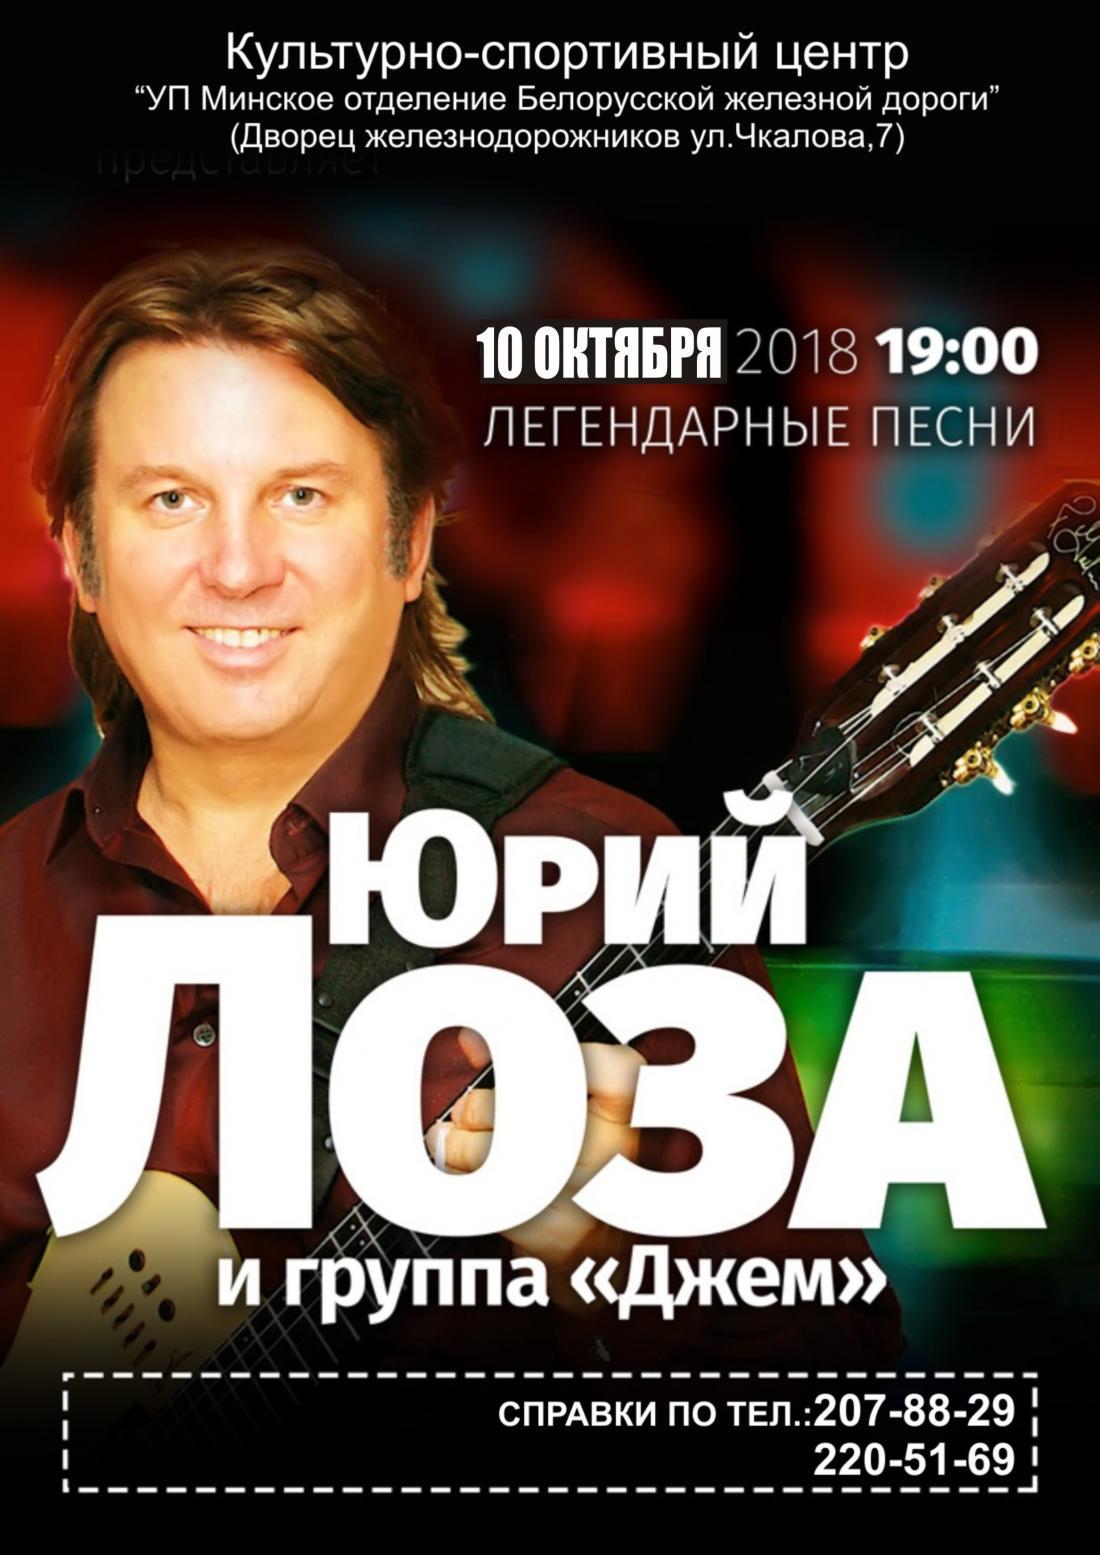 """10 октября концерт Юрия Лозы и группы """"Джем"""" всего за 17,50 руб."""